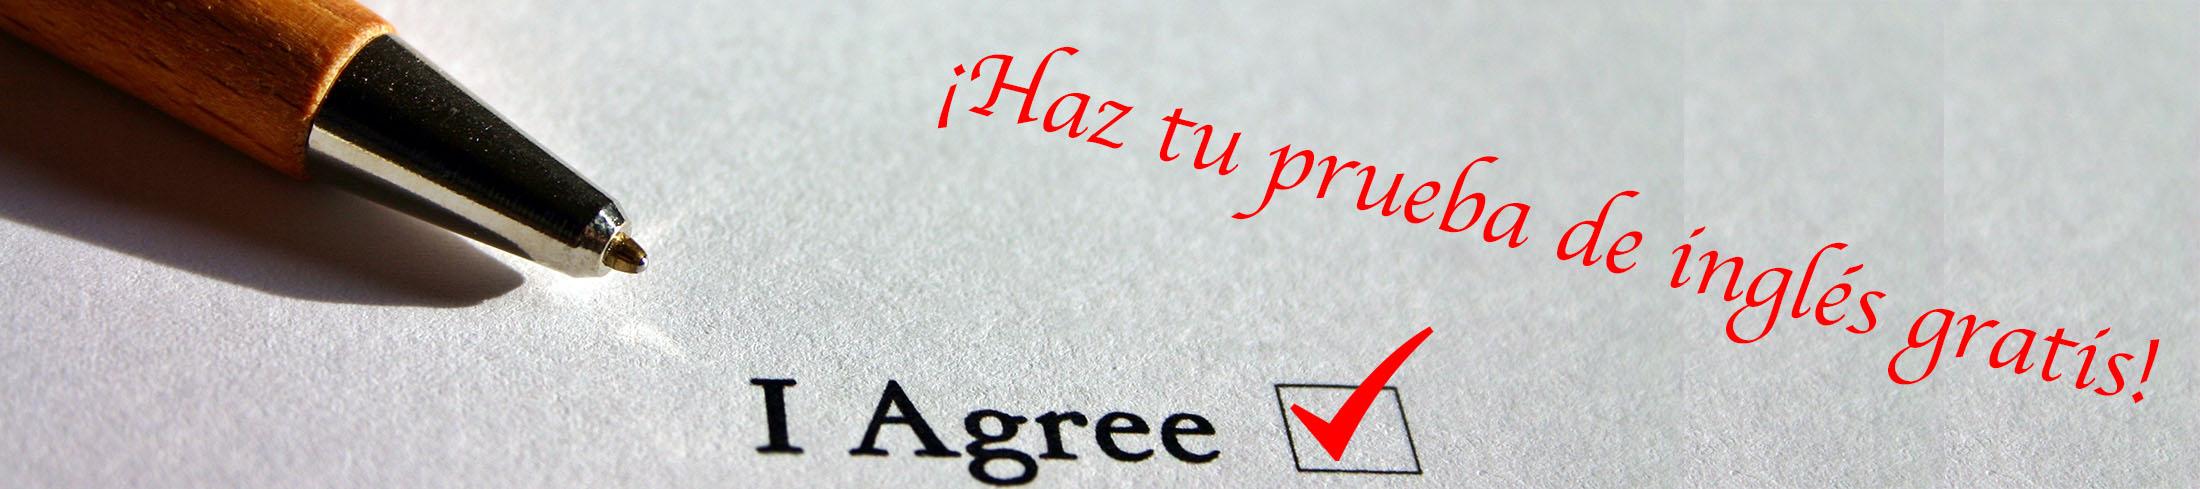 Haz tu prueba de inglés gratis y sin compromiso en la academia de ingles Kents en Rivas Vaciamadrid